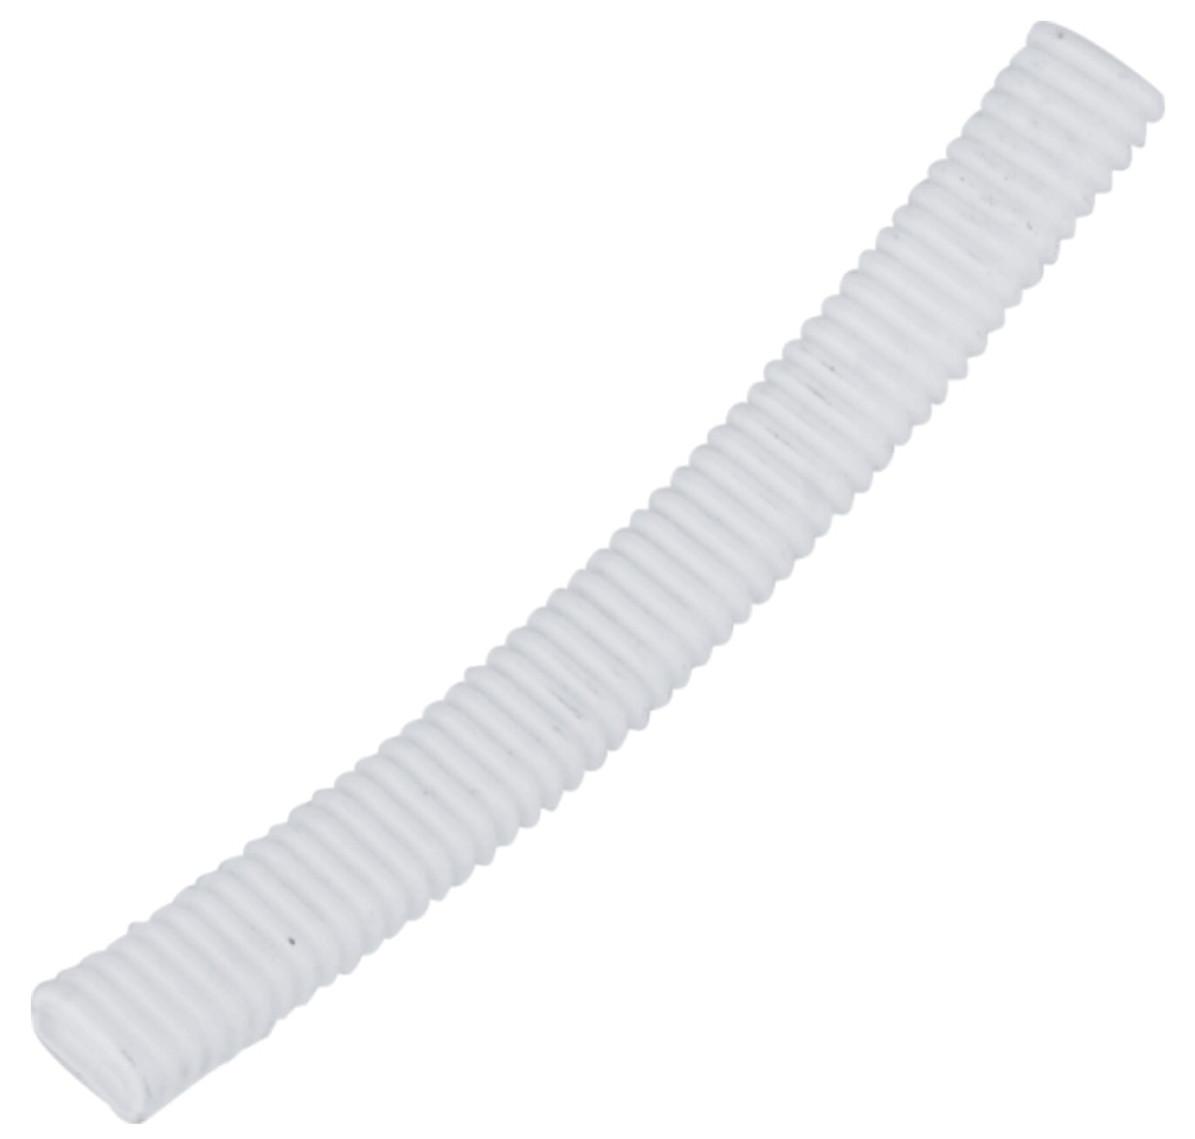 Шланг гофрированный специальный для  сетей FTTH,для DROP кабеля